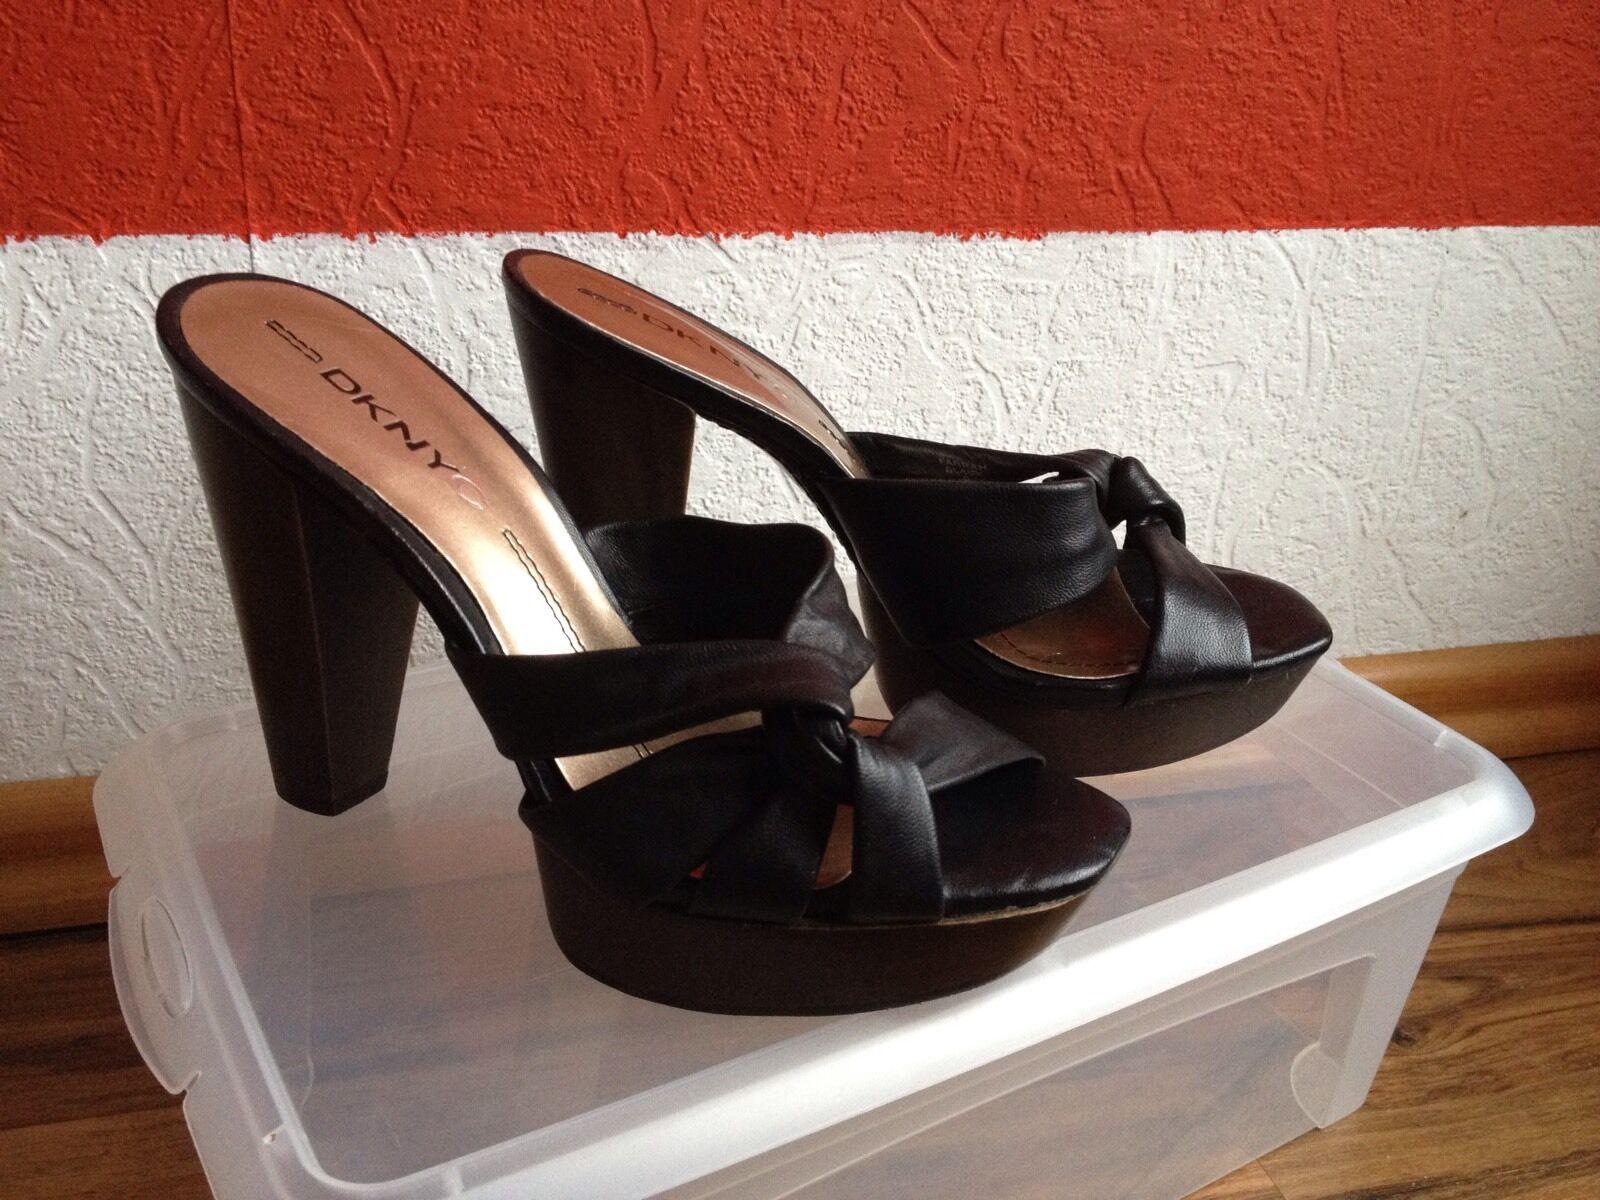 DKNY Schuhe Größe 36 schwarz Designer Pantolette Pumps Echtleder sommerlich